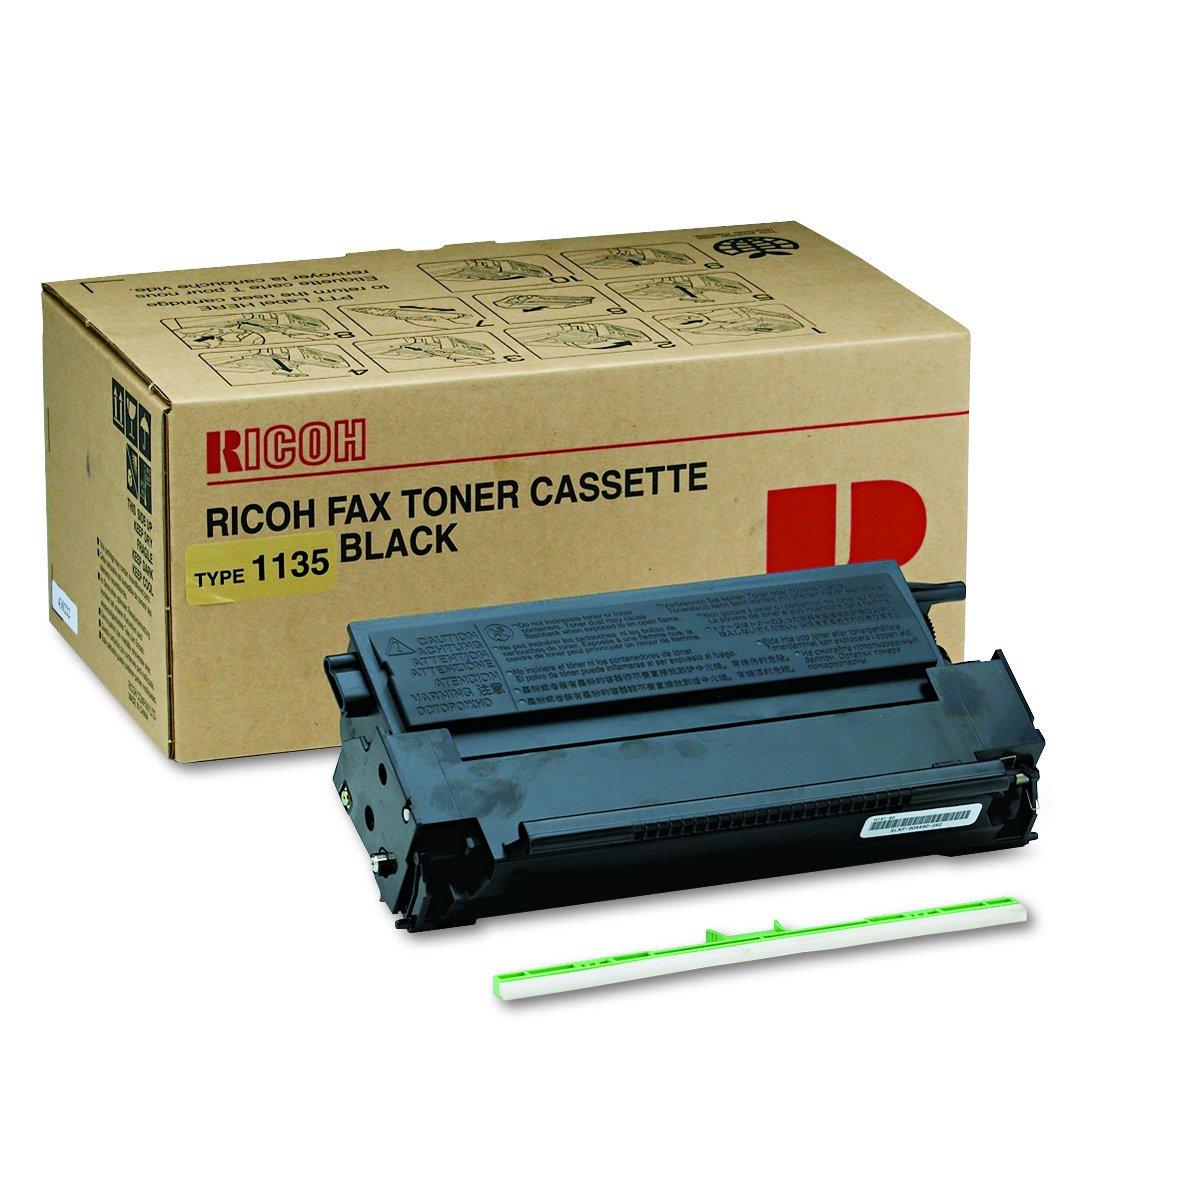 RICOH 430222 Toner cassette for ricoh fax, 1900l, 2000l, 2050l, 2900l, 3900l, 3900nf